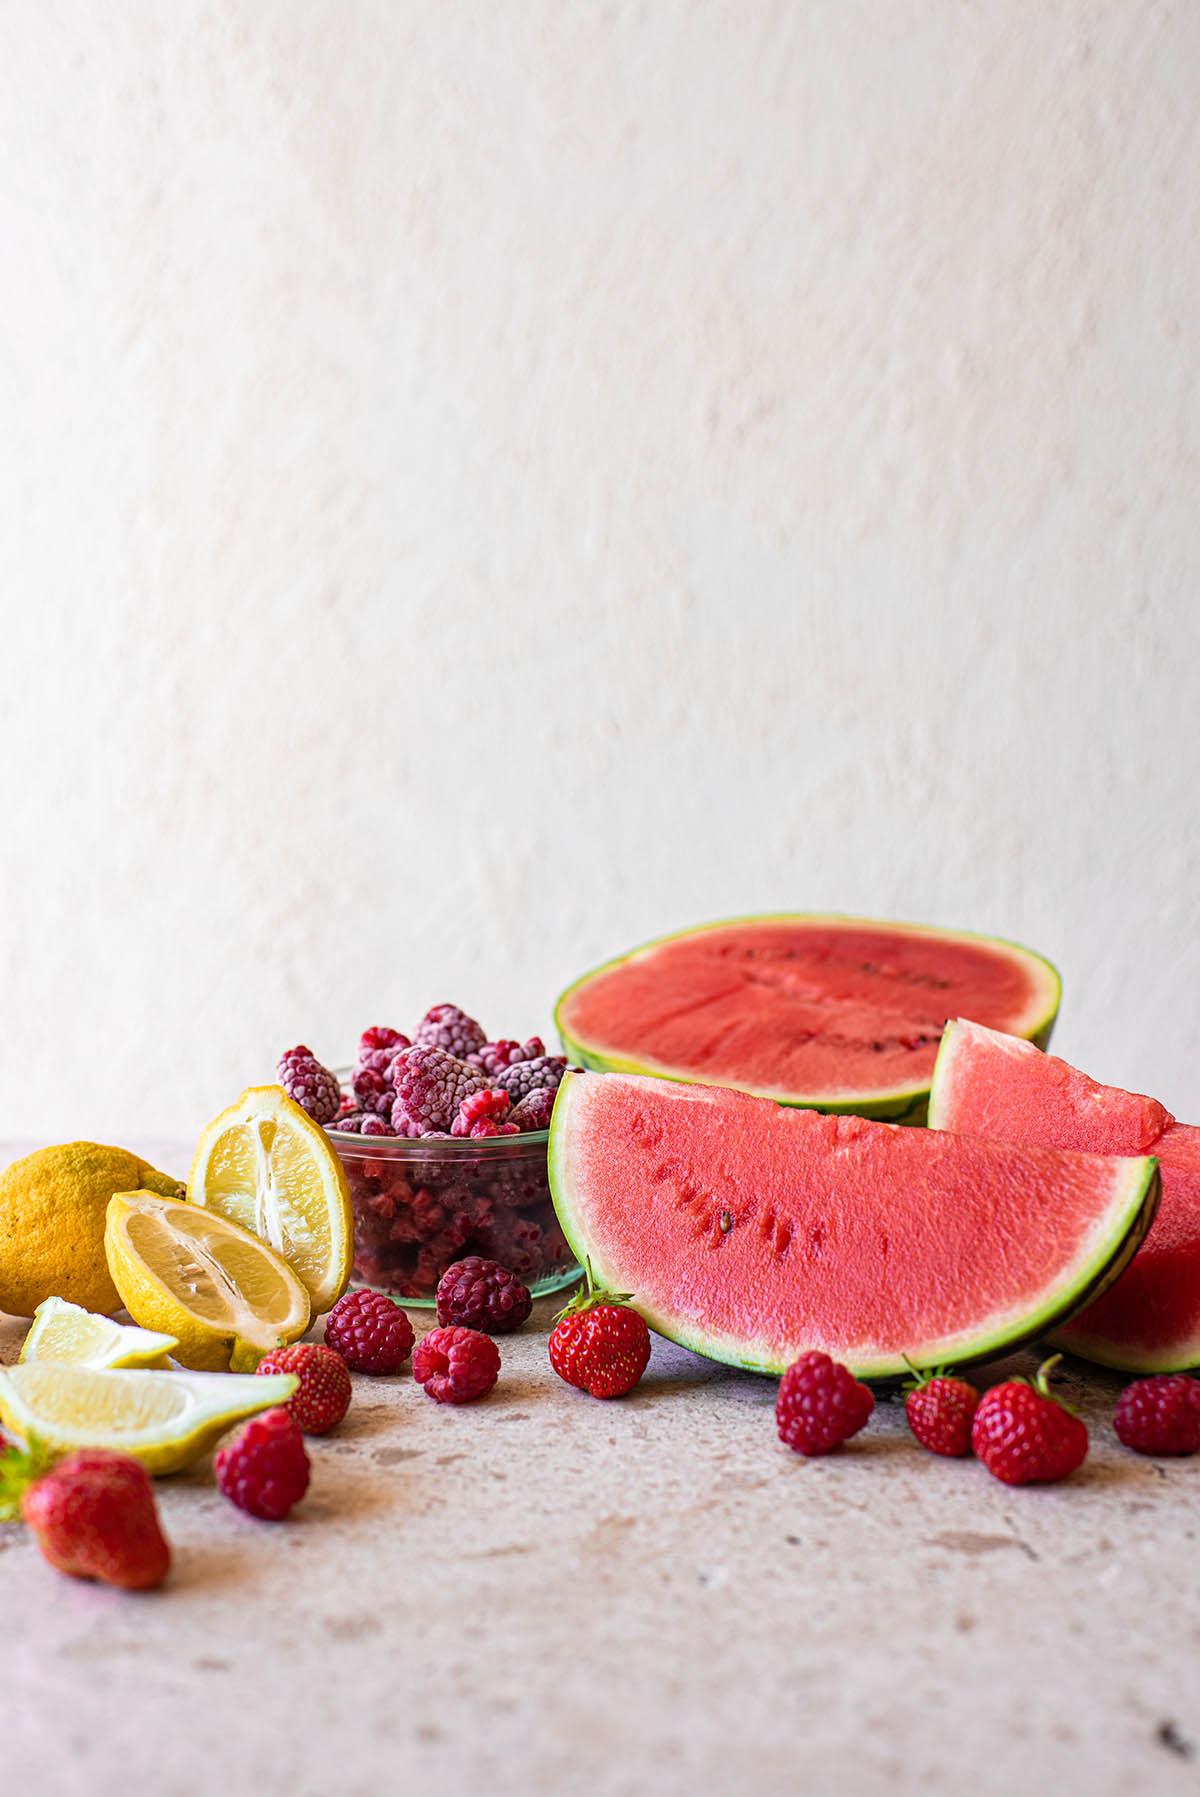 Watermelon smoothie ingredients: lemon, berries, watermelon.